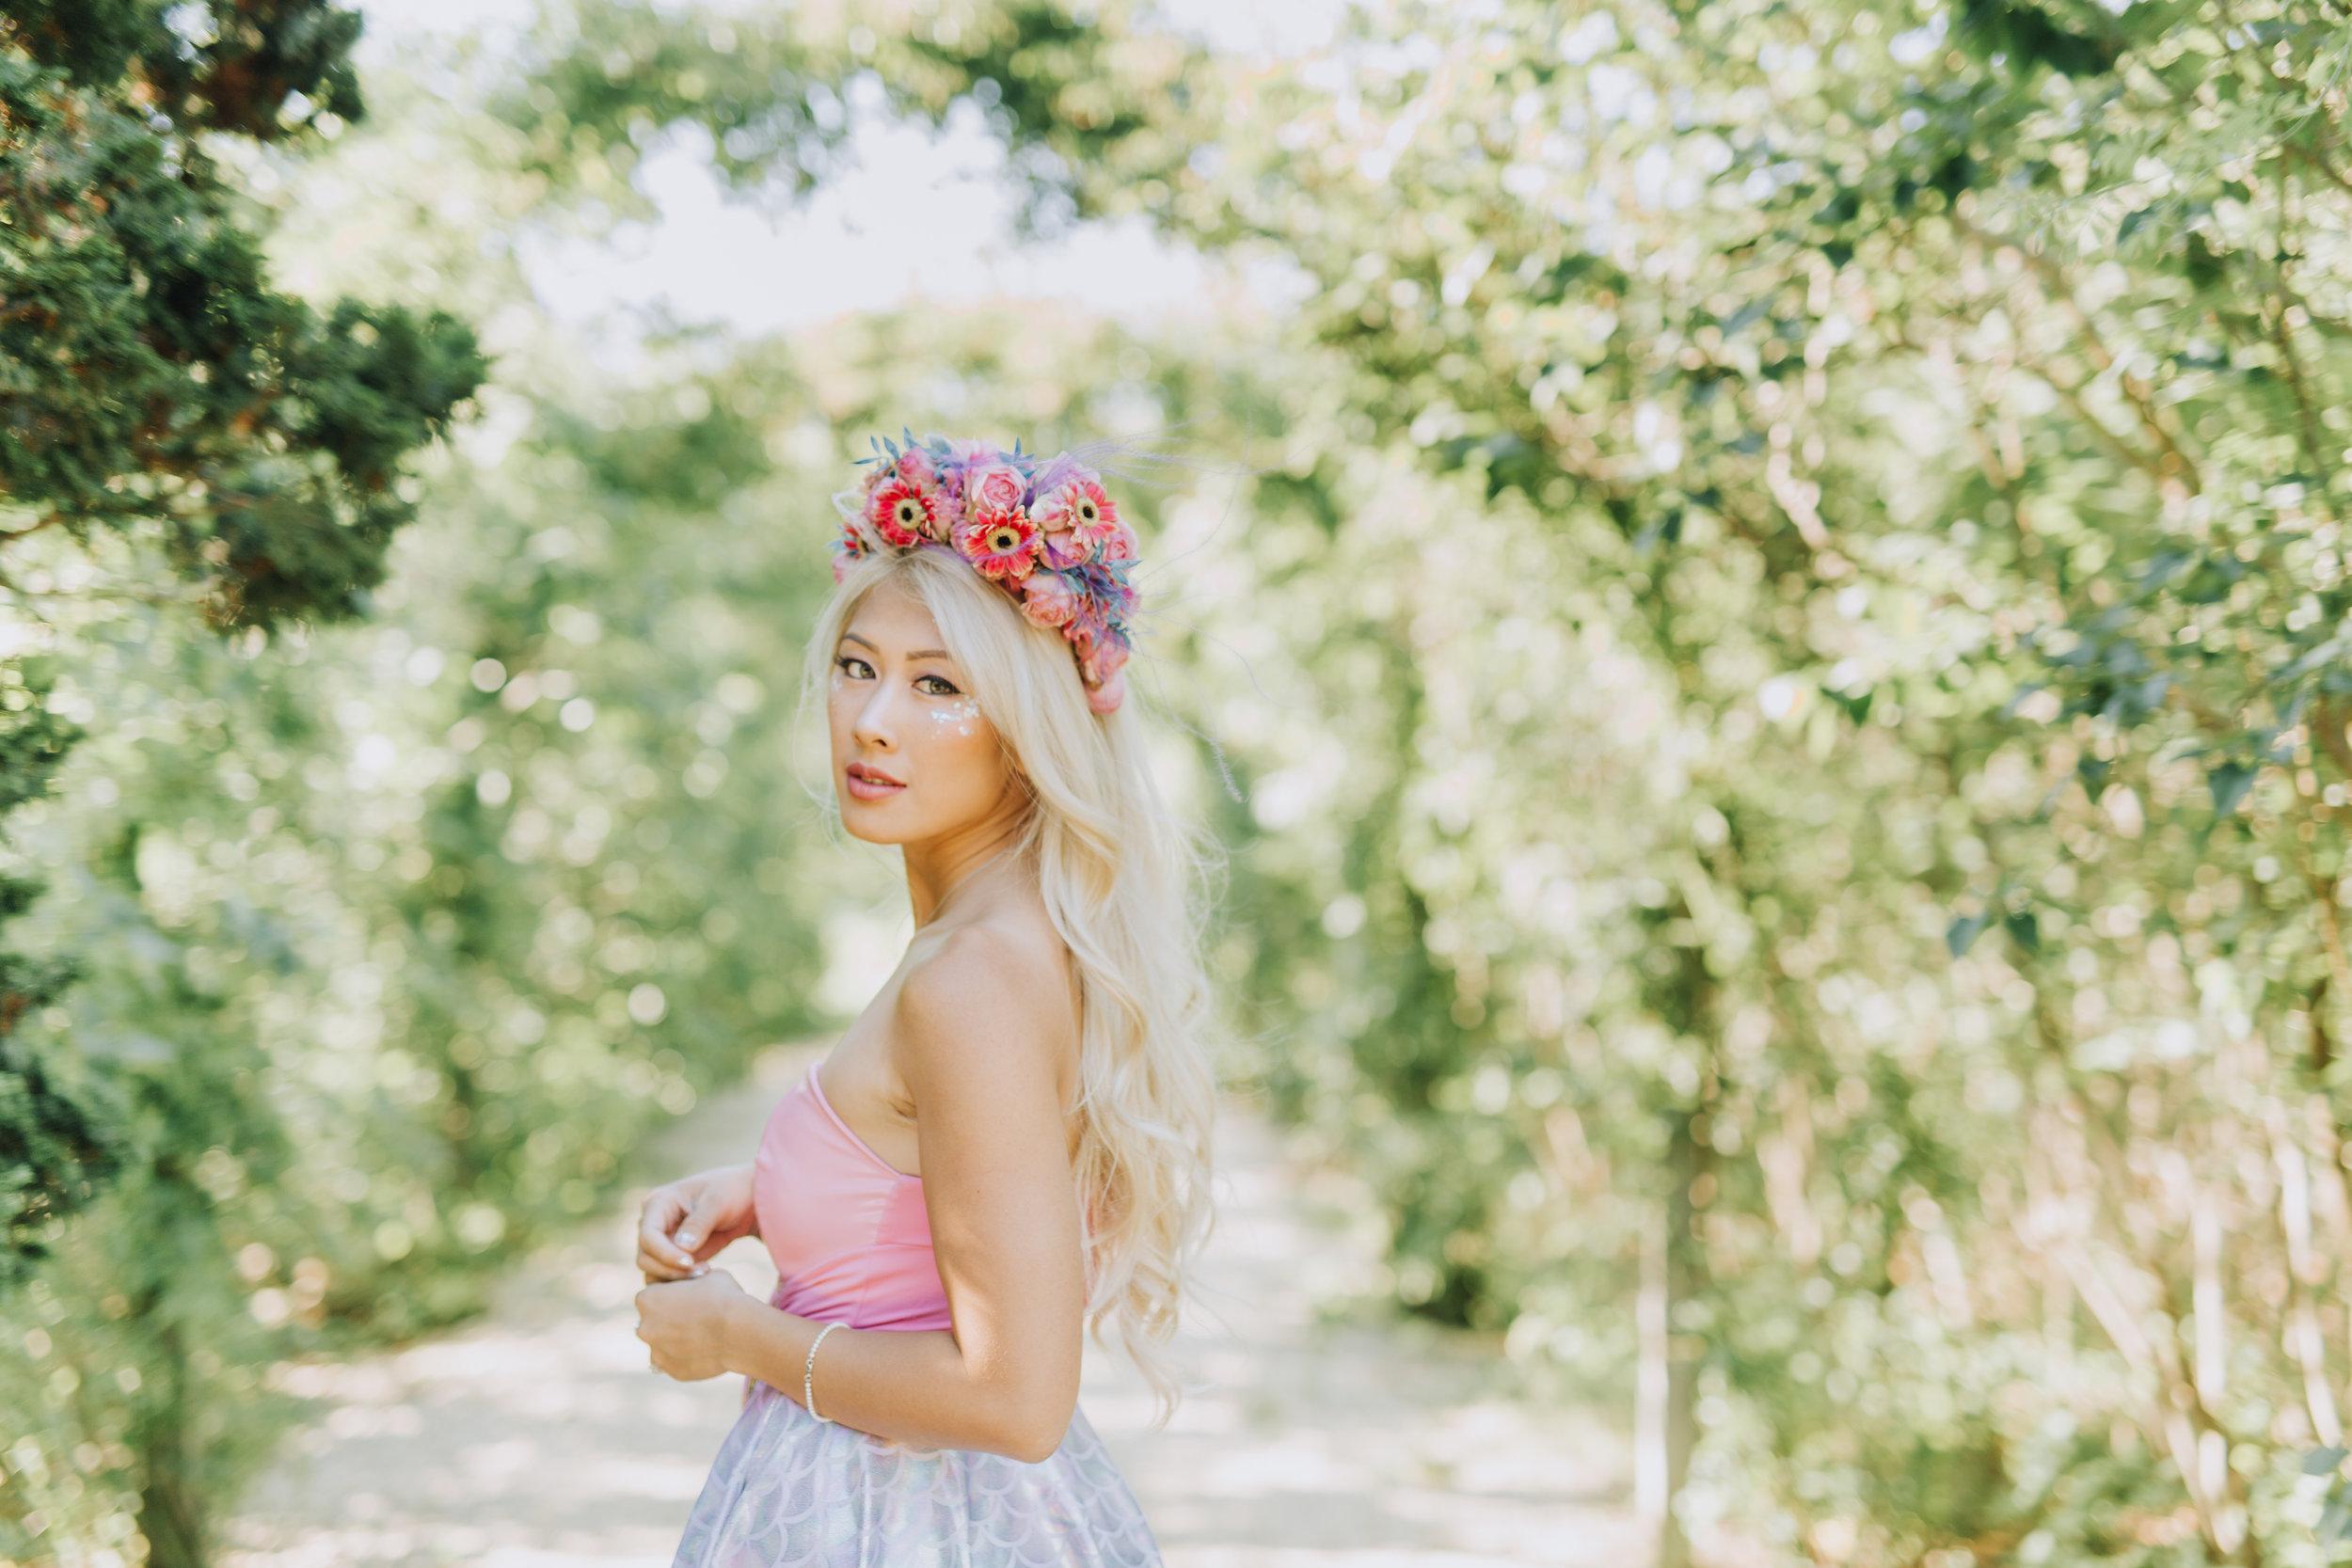 flowercrownsandunicorns